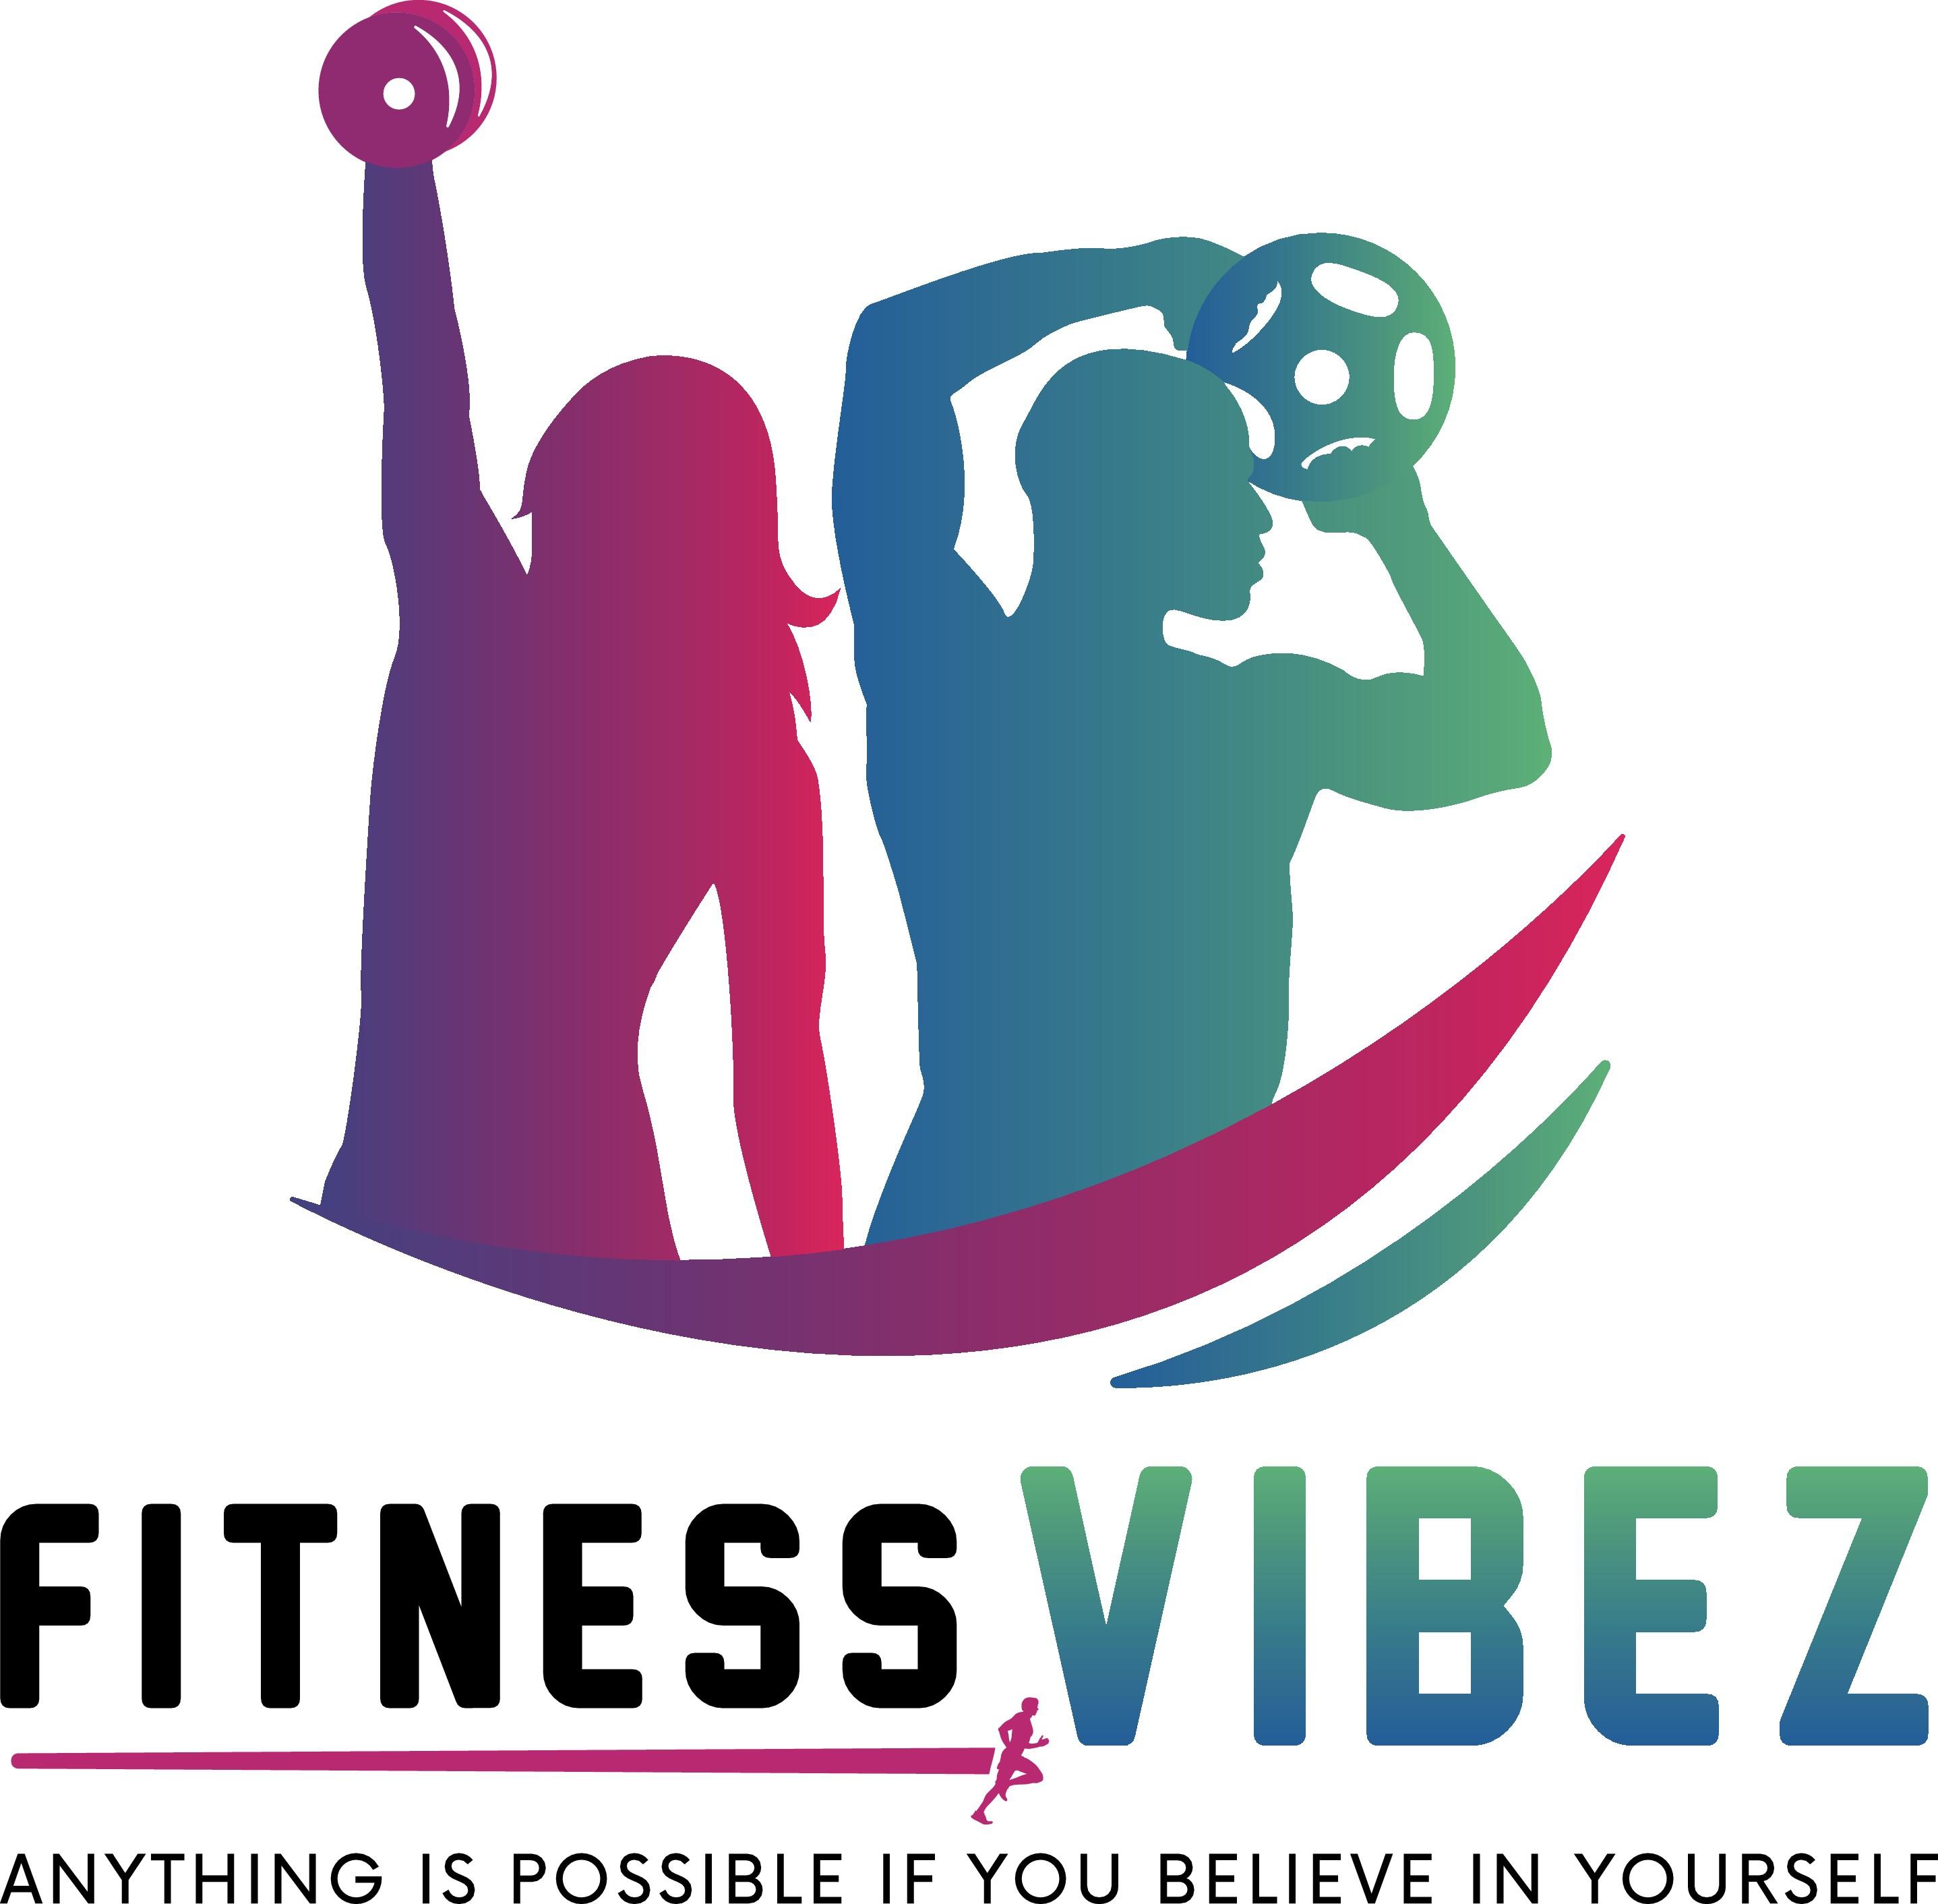 New Logo for Online Fitness Brand